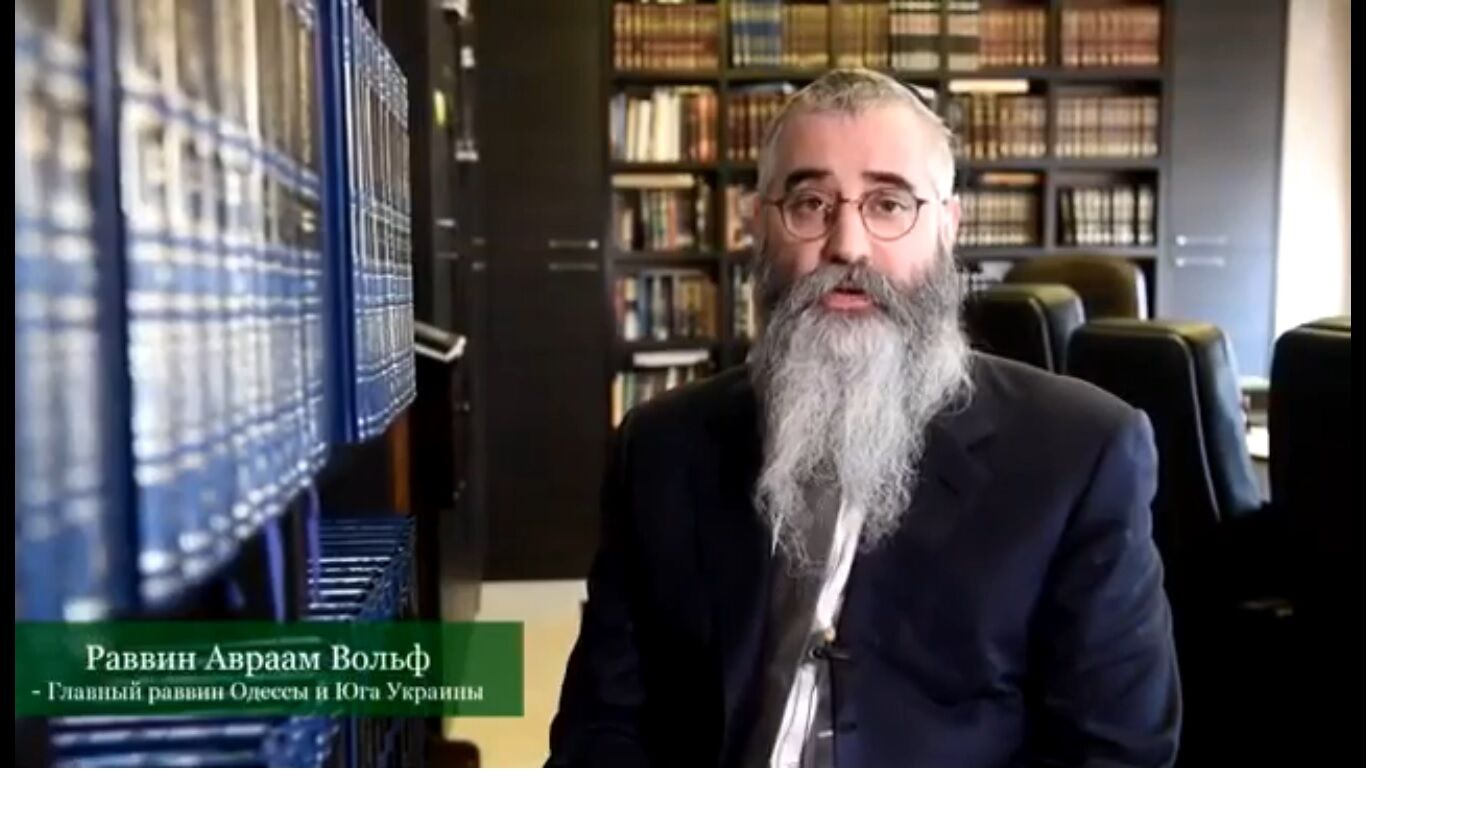 """""""Думайте добре"""": рабин з Одеси потужно звернувся до людей через коронавірус. Відео"""